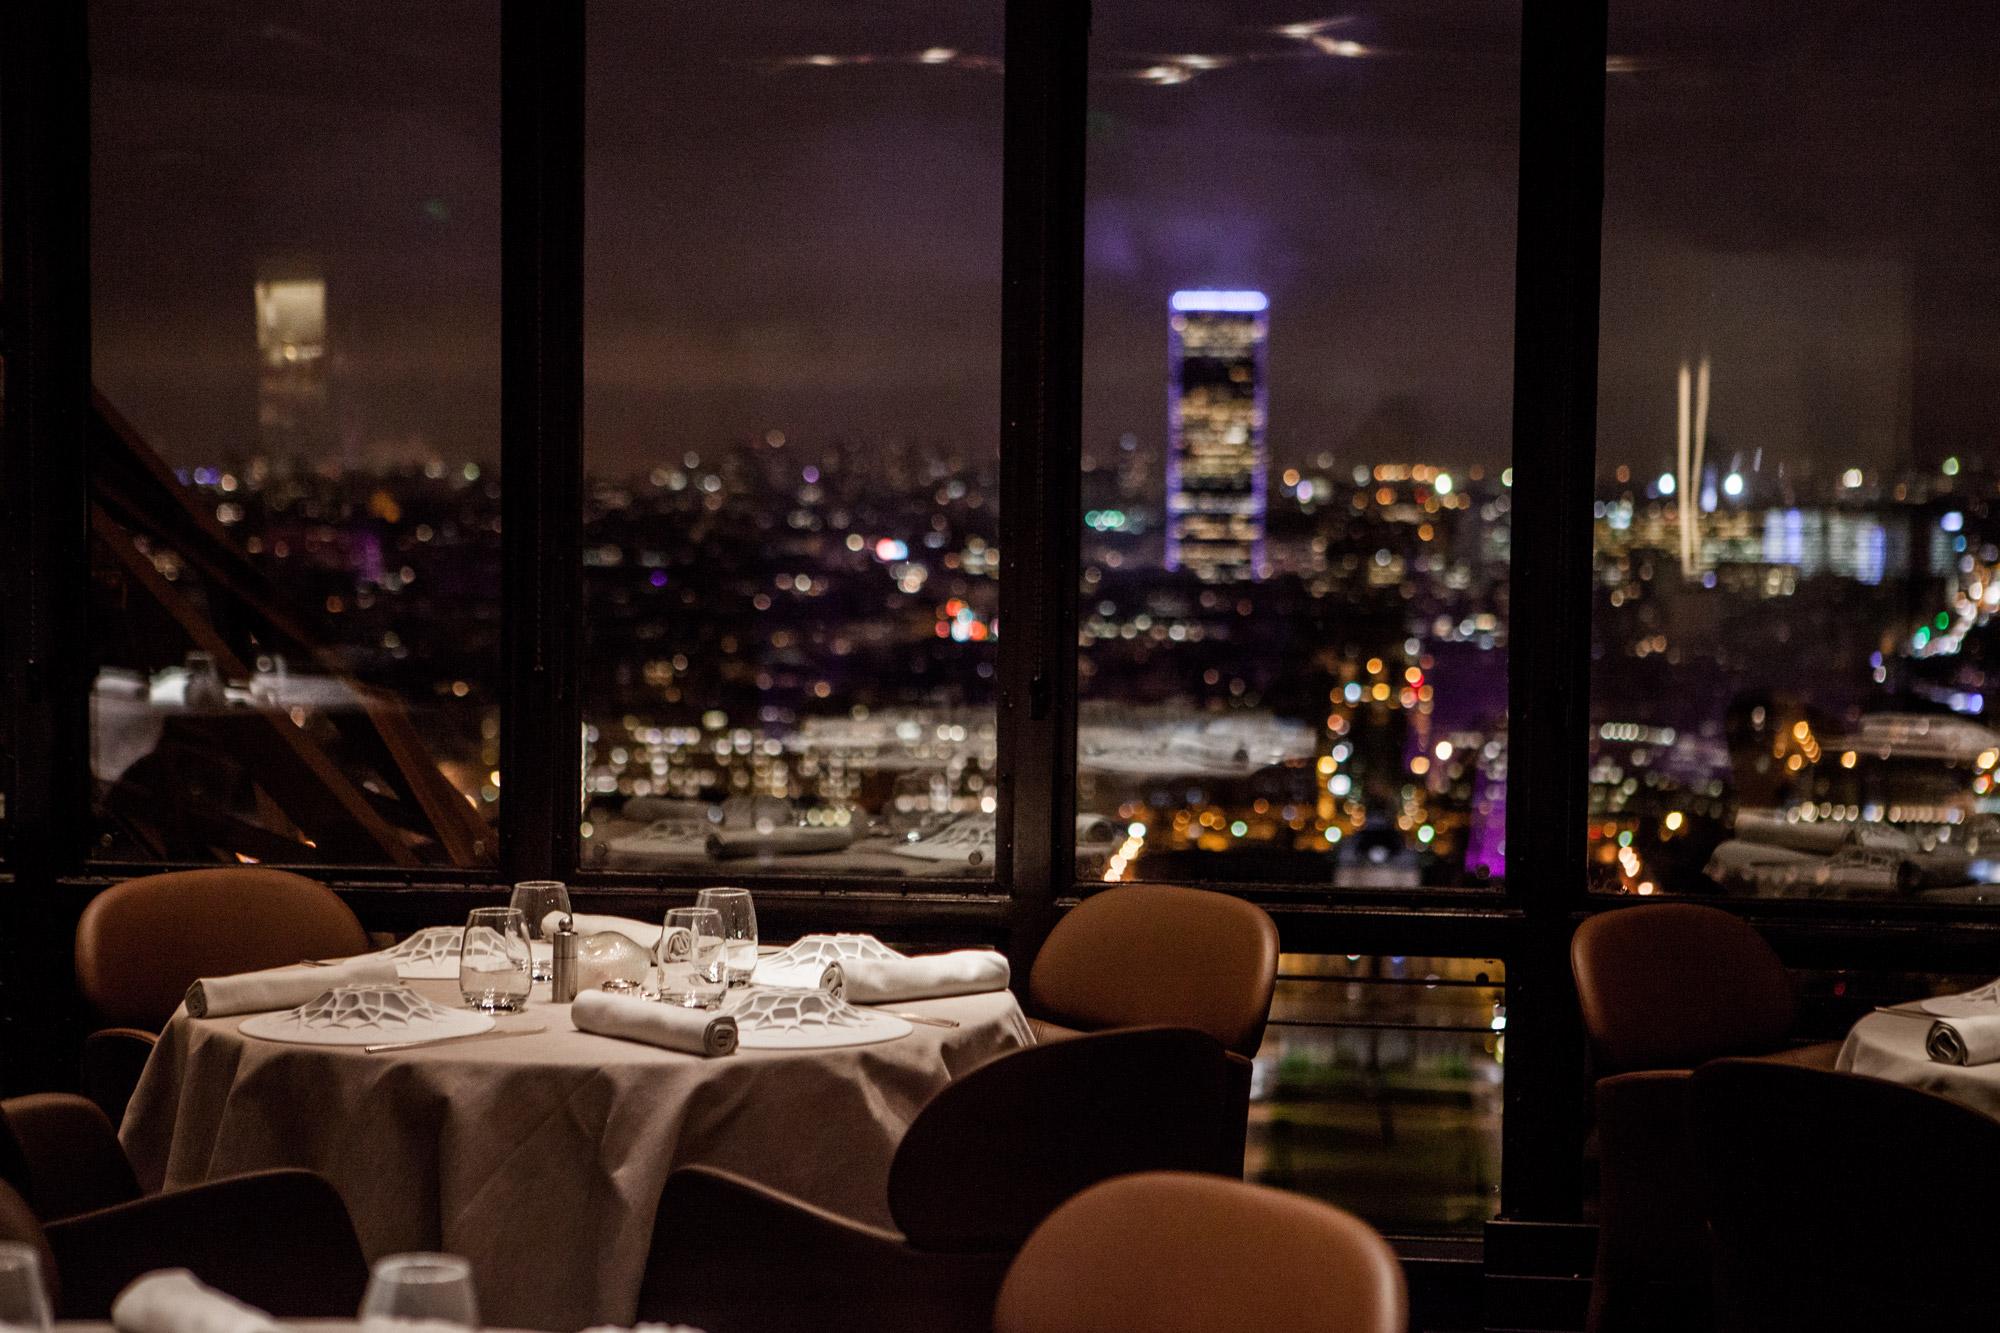 Table dressée pour dîner au Jules Verne, restaurant de la Tour Eiffel, vue panoramique de nuit